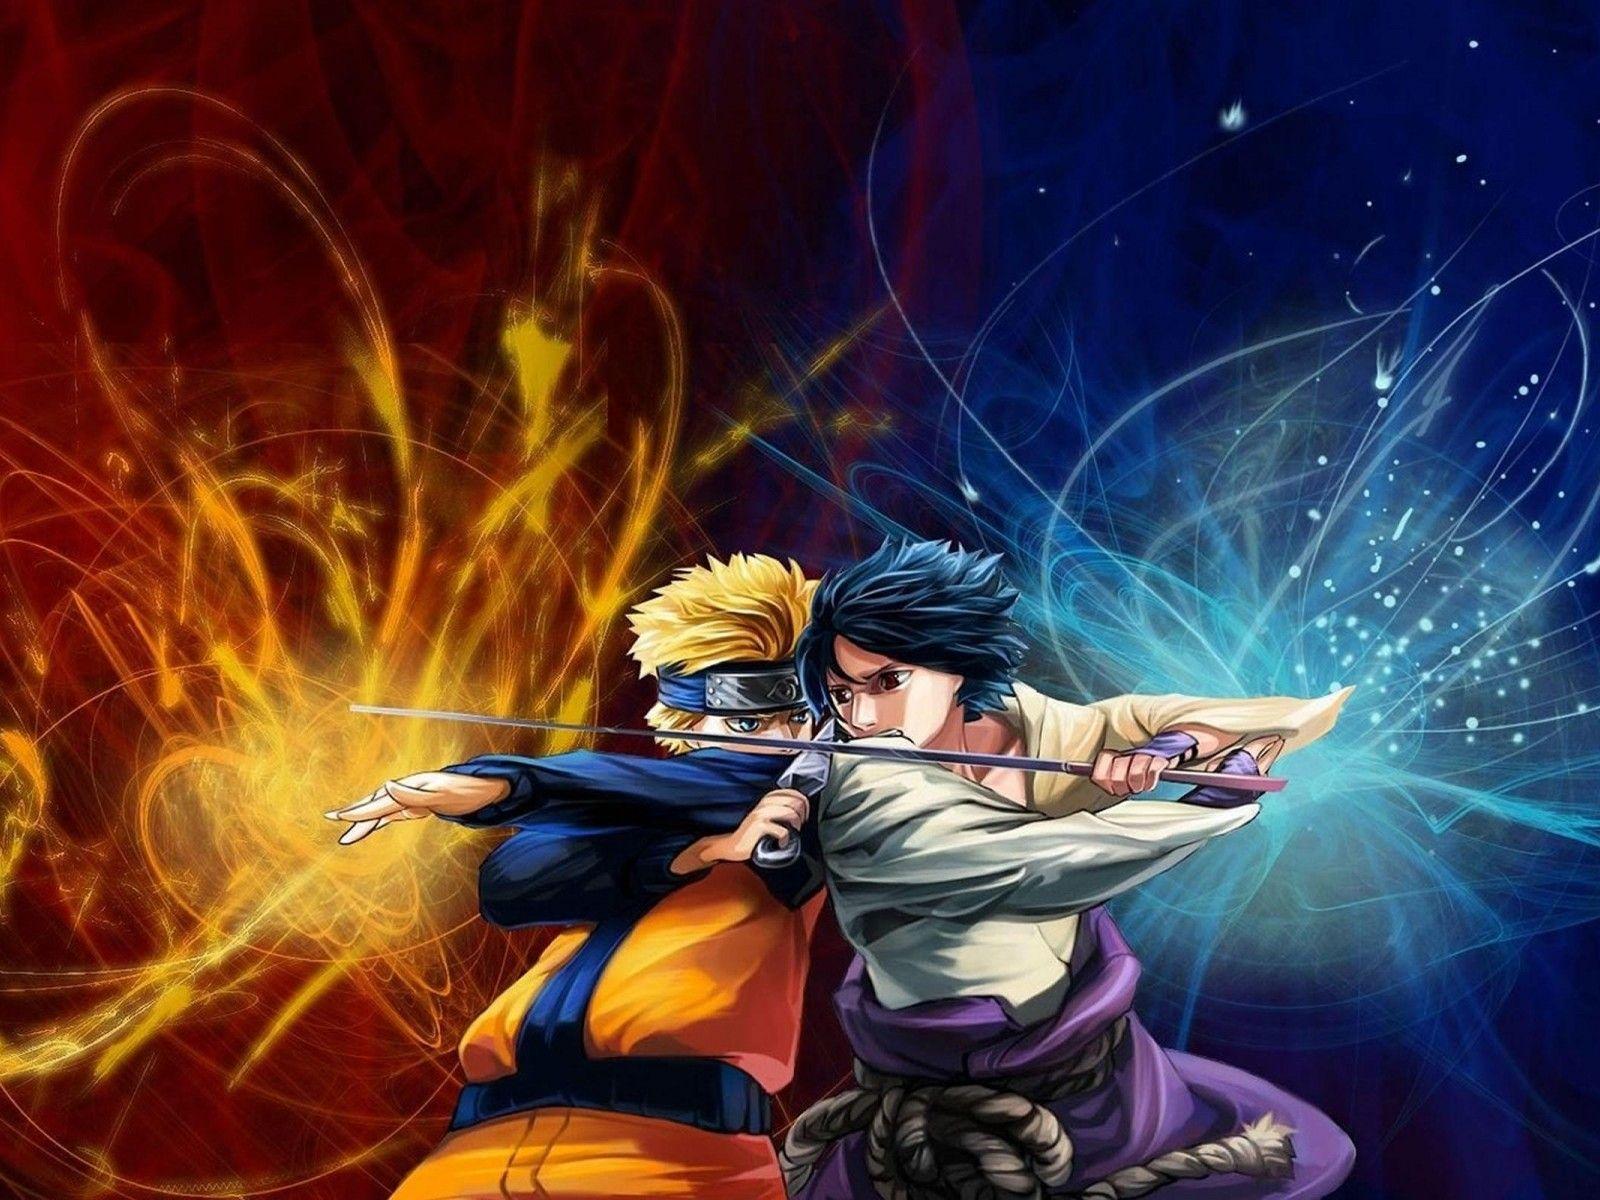 Tuyển tập những hình ảnh phim hoạt hình Naruto 3D đẹp nhất hình ảnh 8